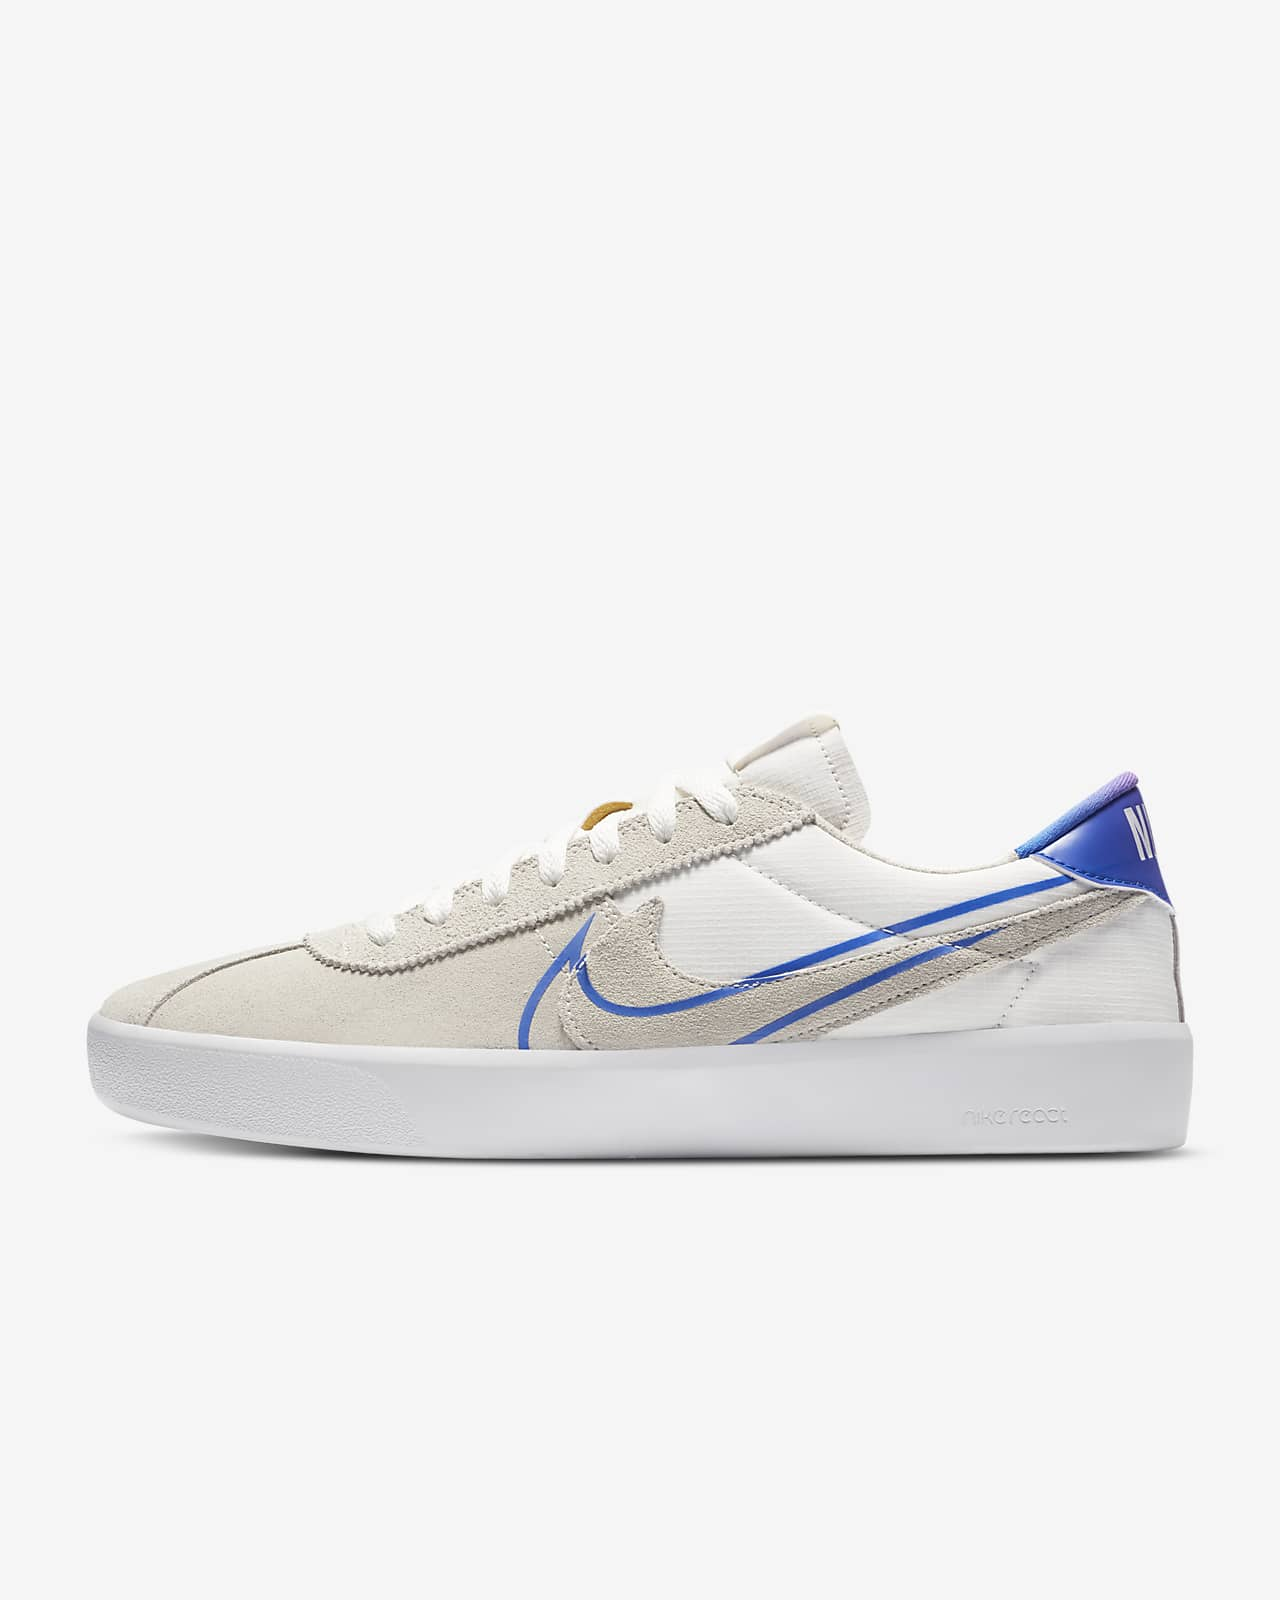 รองเท้าสเก็ตบอร์ด Nike SB Bruin React T